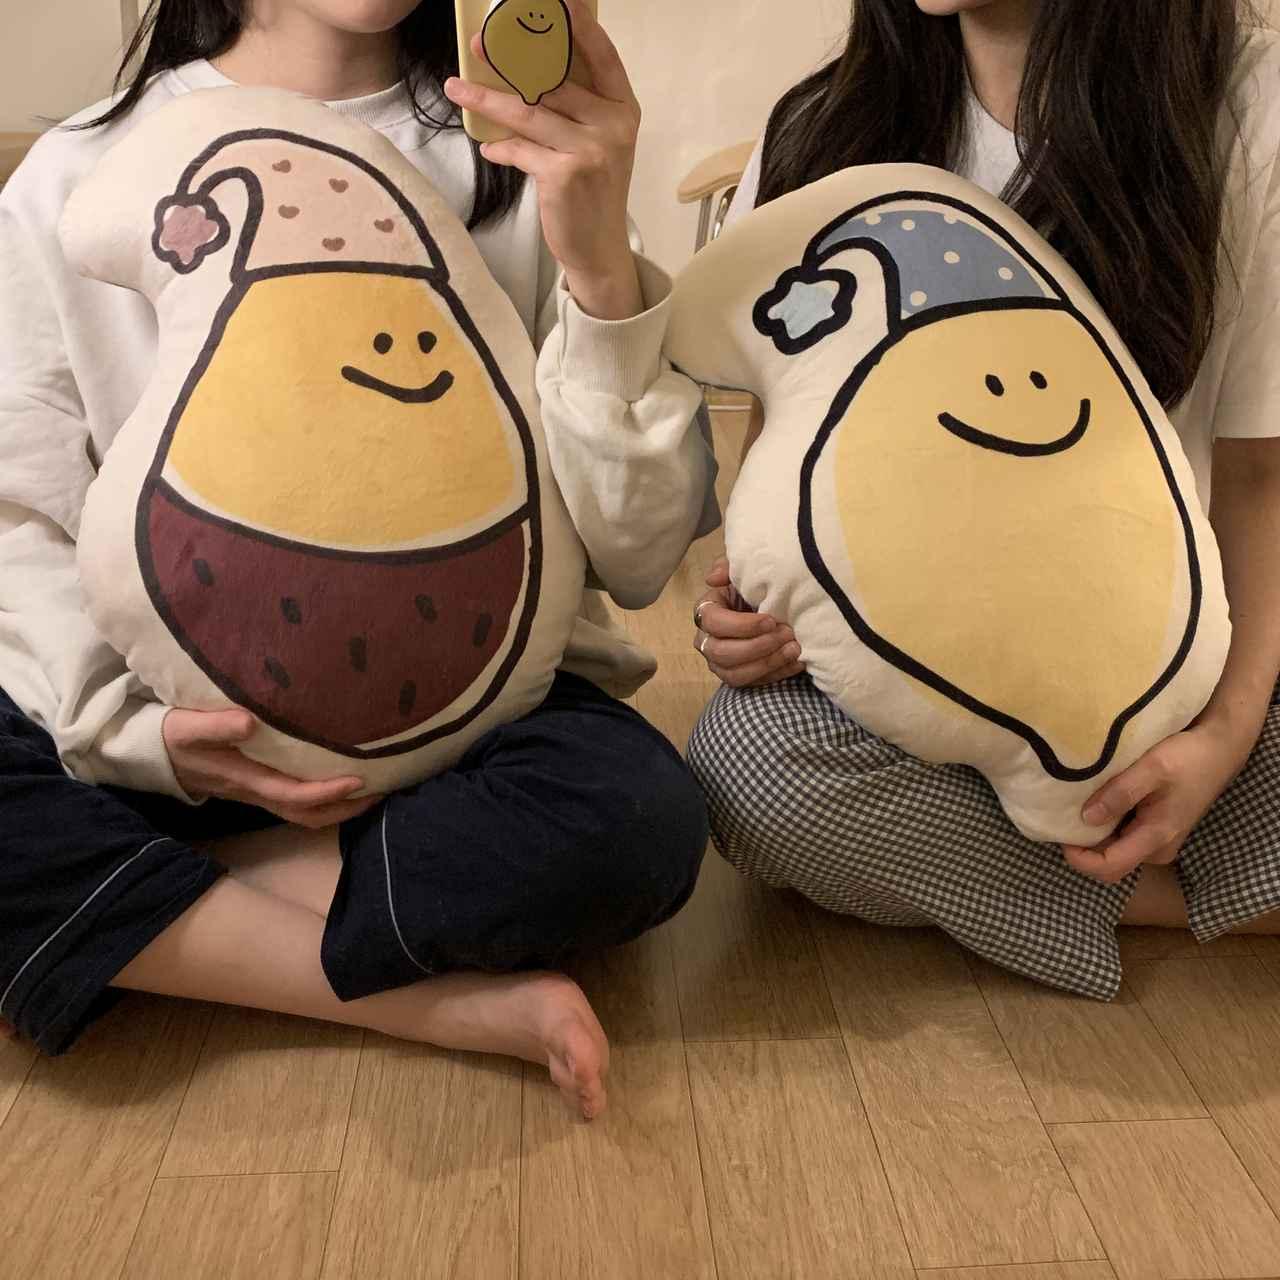 画像: with moim レモニ&コグミ もっちりクッション(税込2,970円)